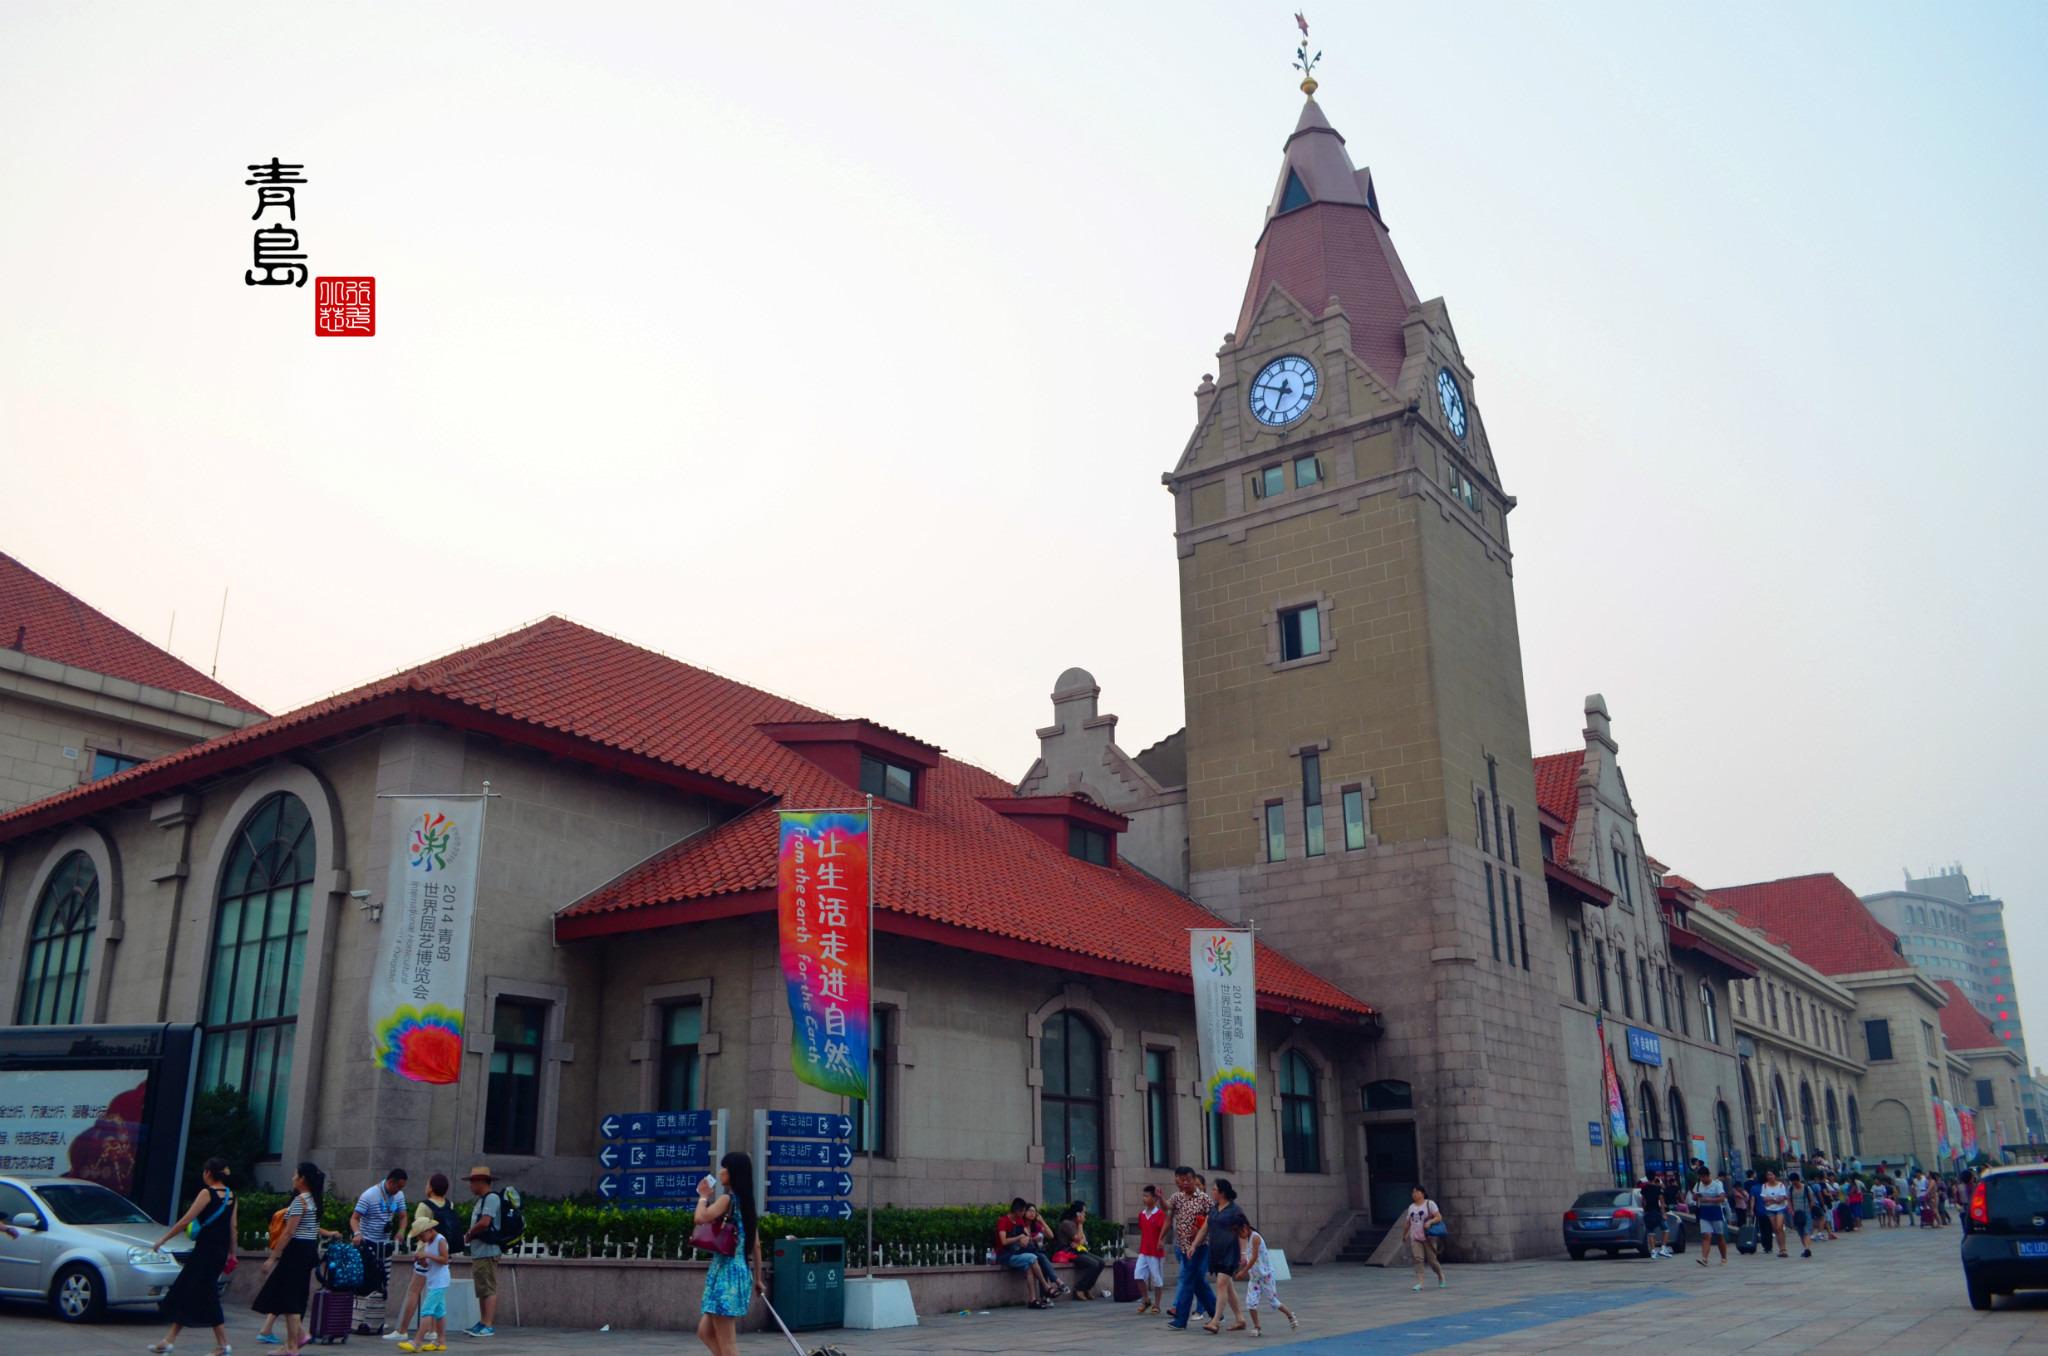 青岛火车站是德系建筑特色,外面看起来非常漂亮,虽然不是特别壮观